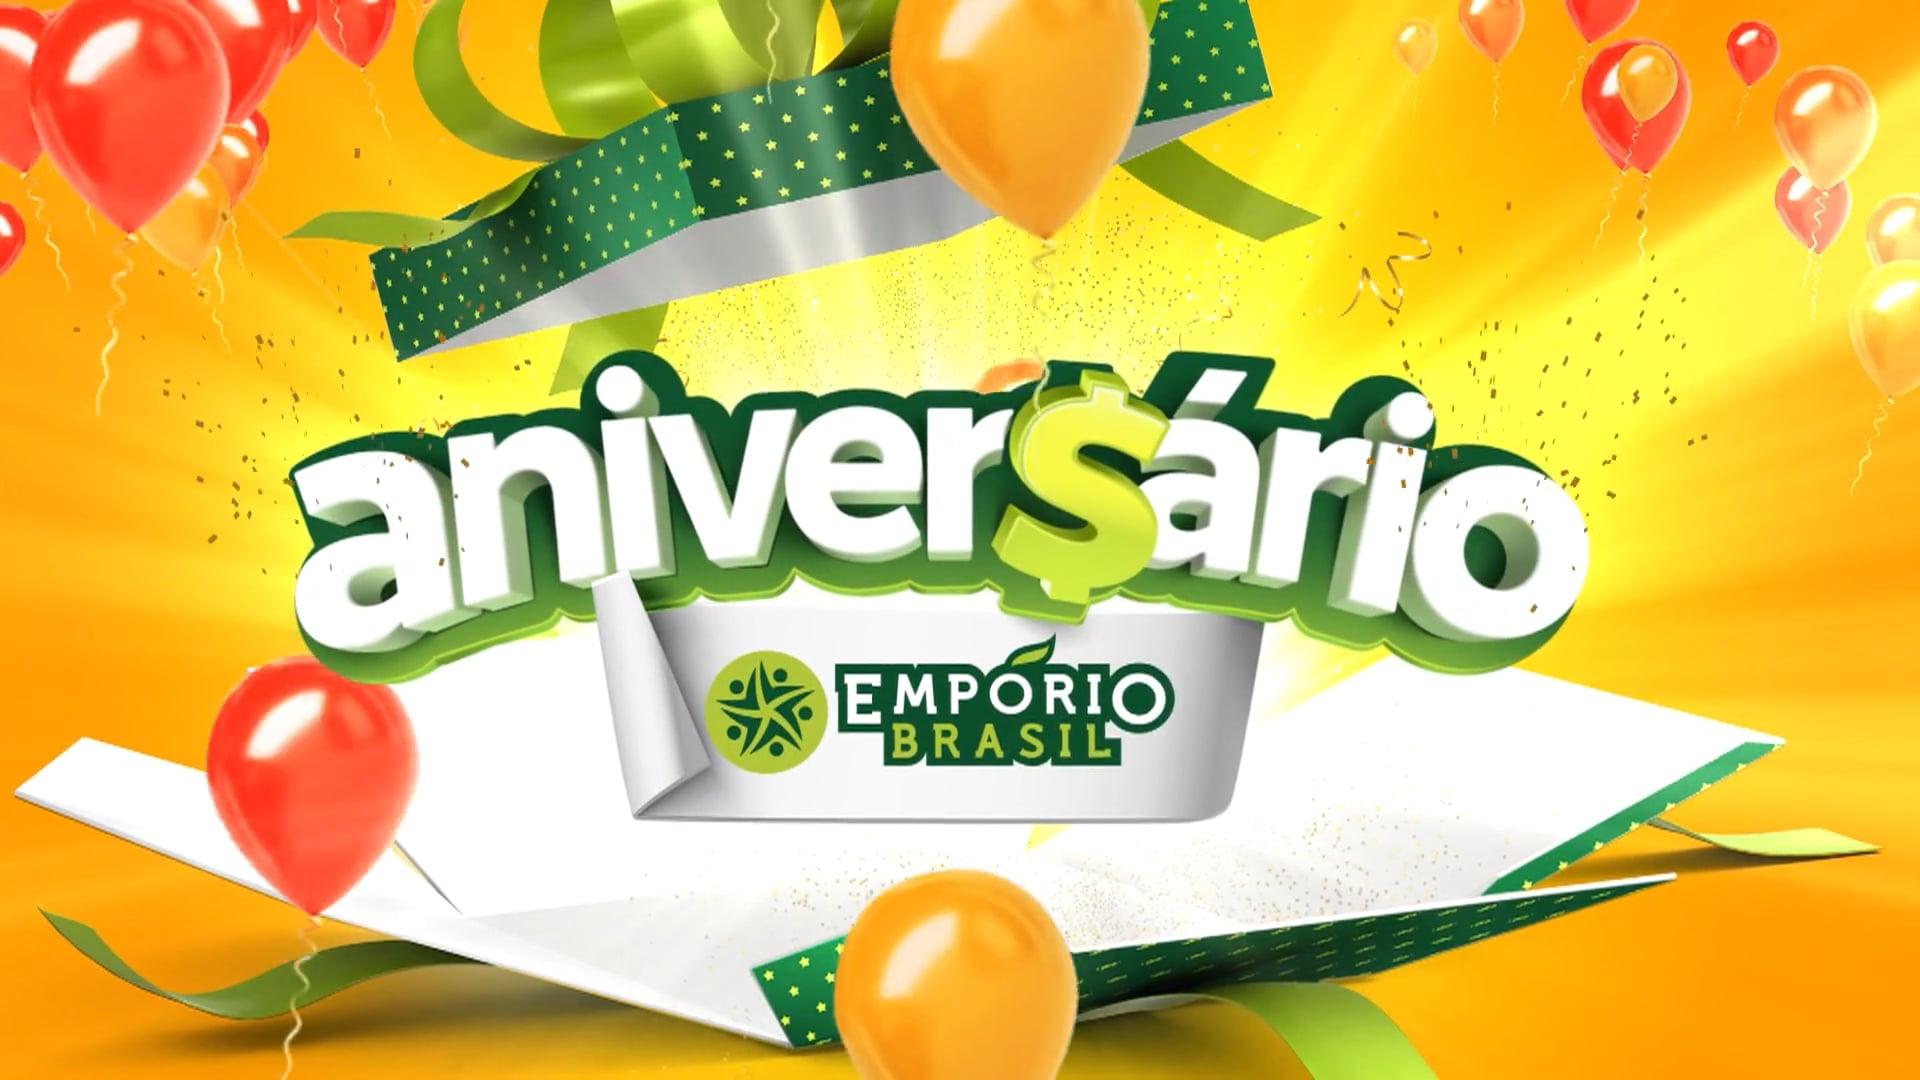 EMPÓRIO ANIVERSÁRIO